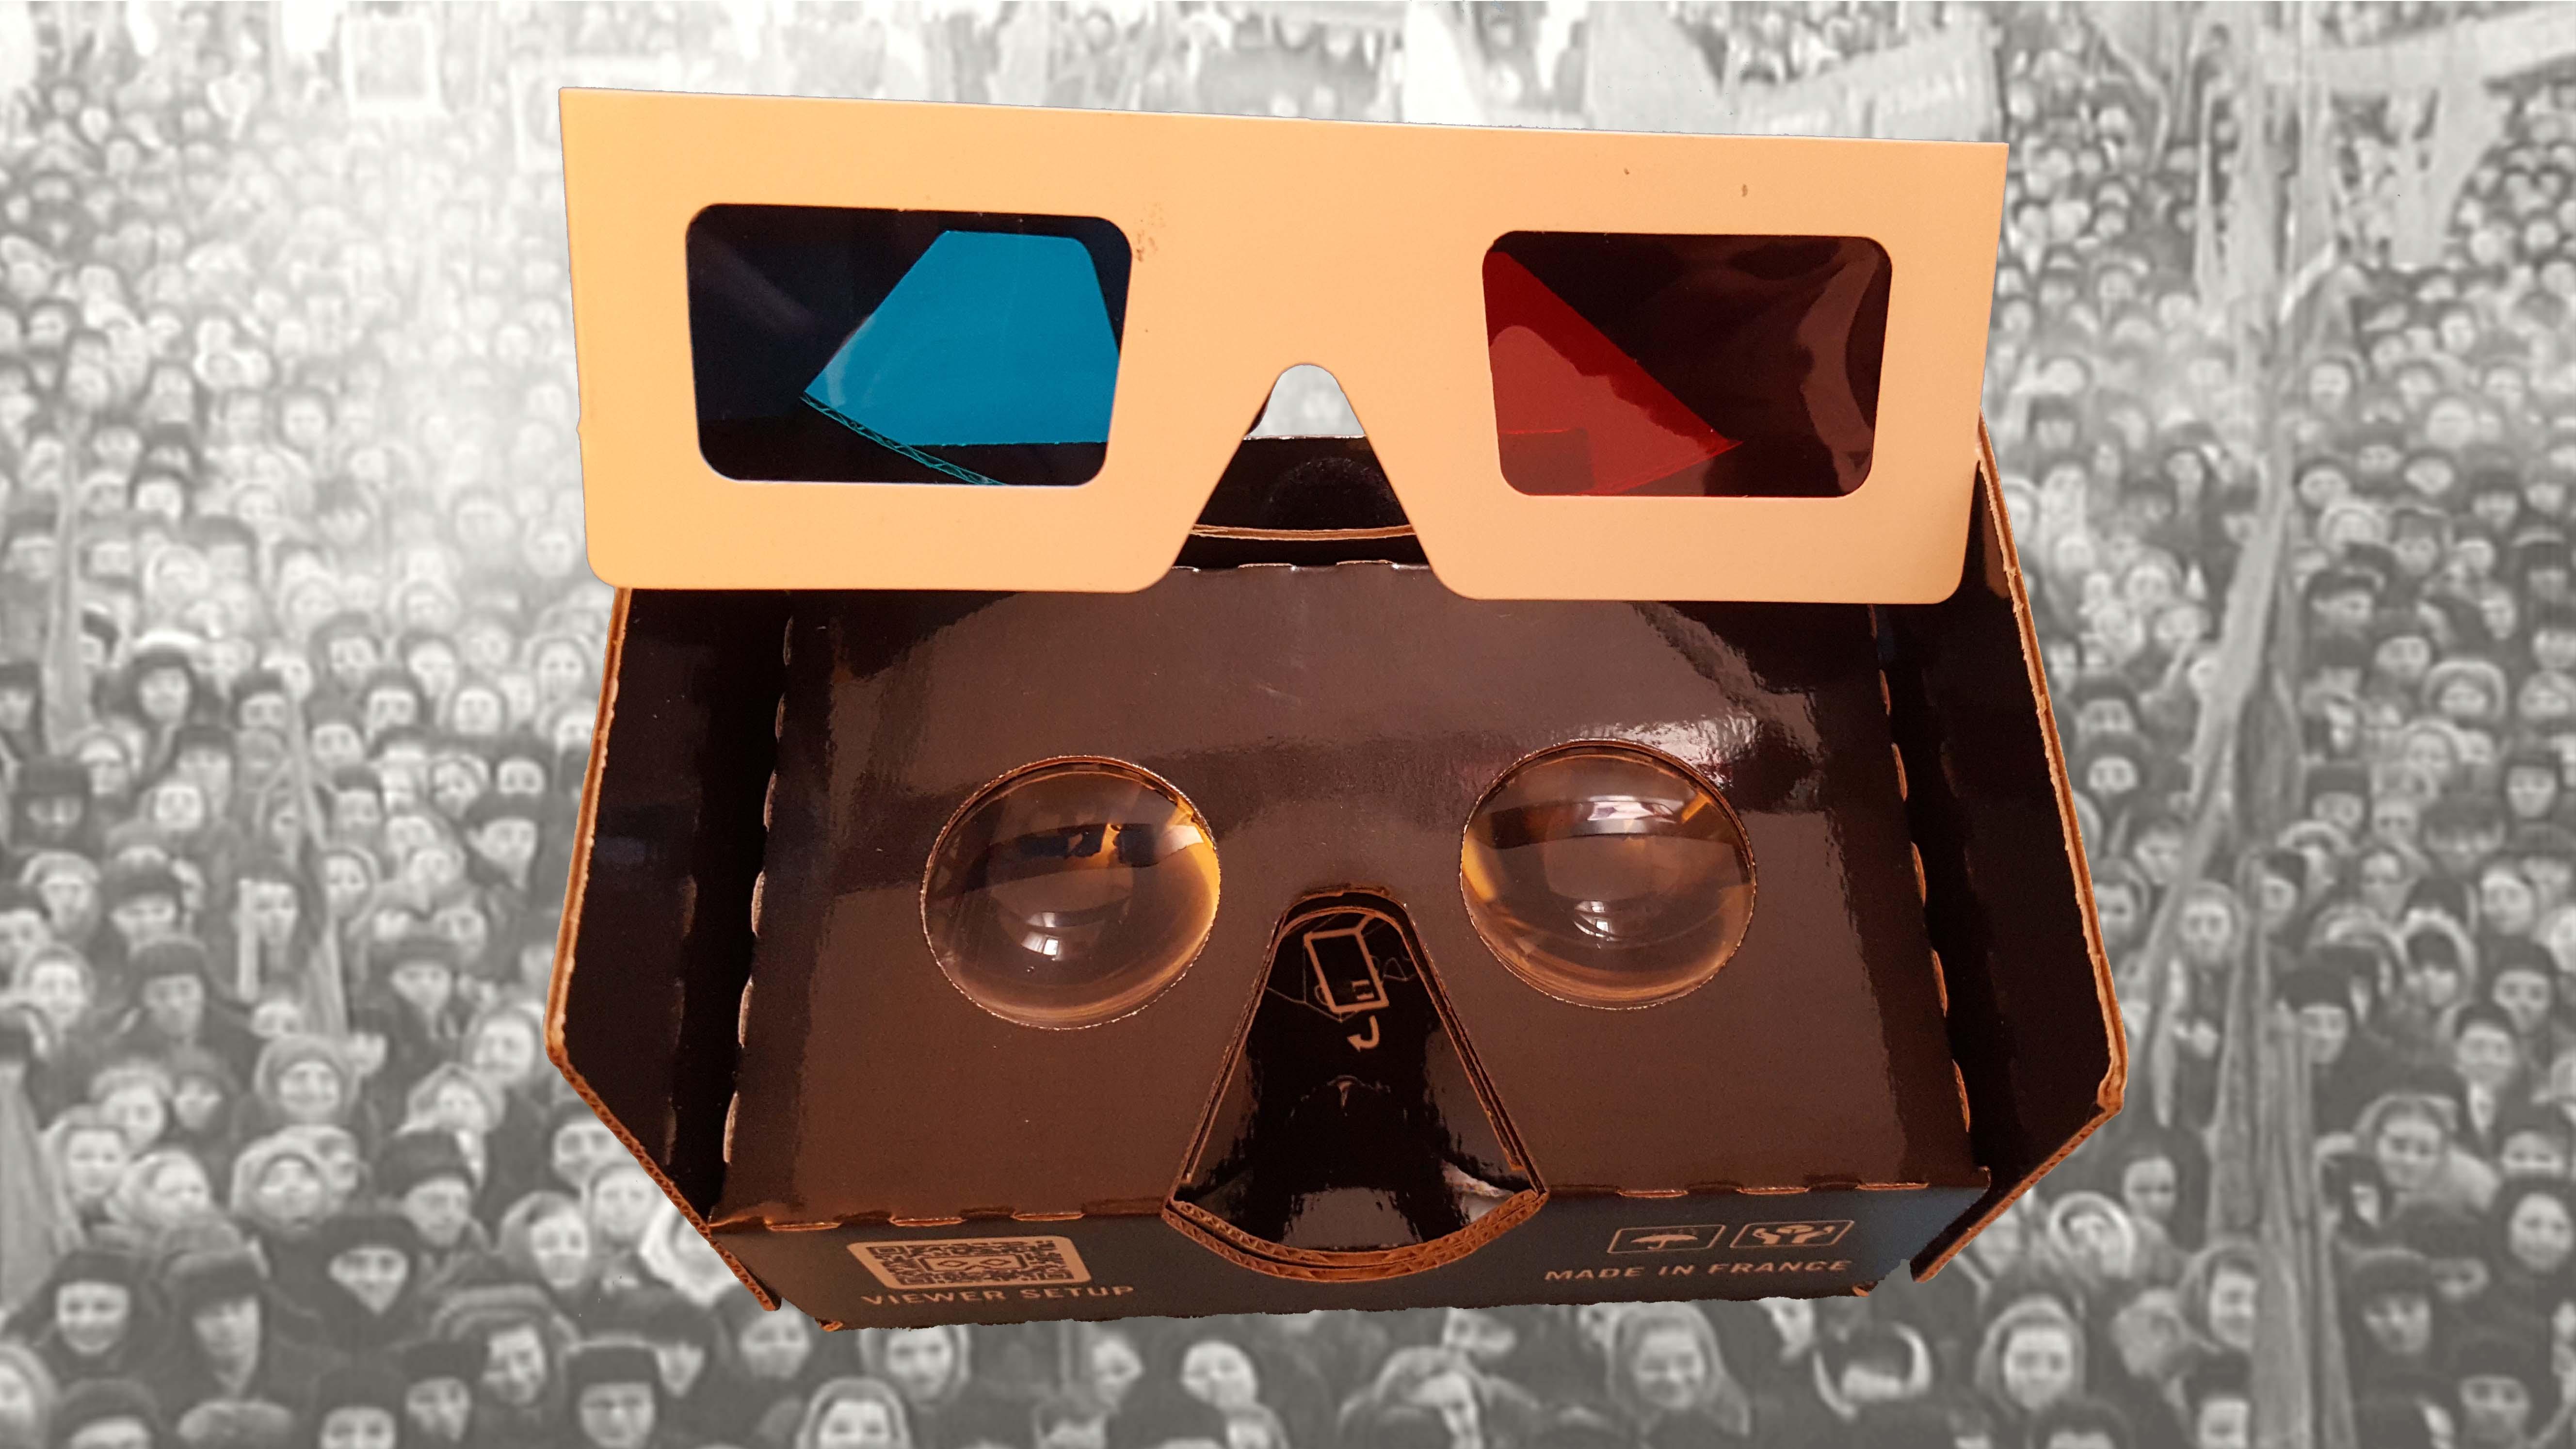 Les Cardboard, la réalité virtuelle en carton, est-elle en carton ?